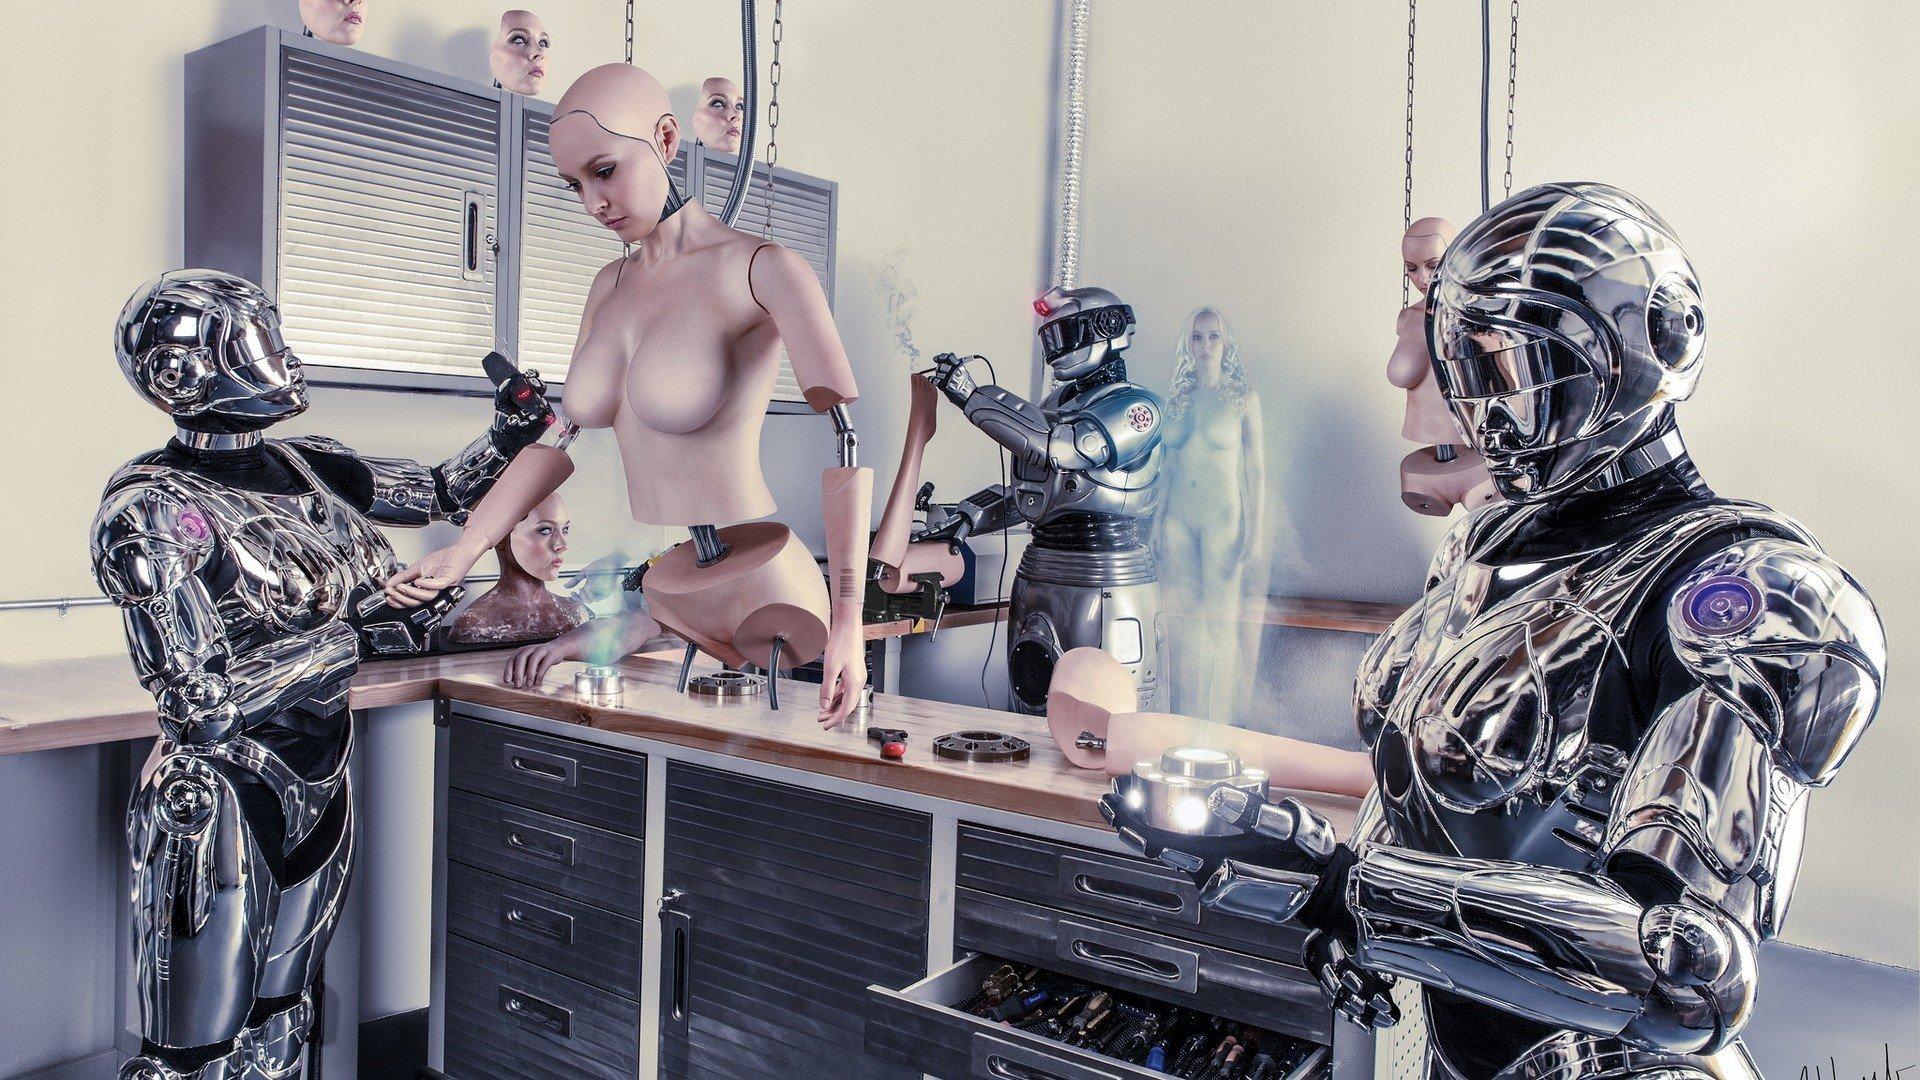 Роботы будущего кино порно 9